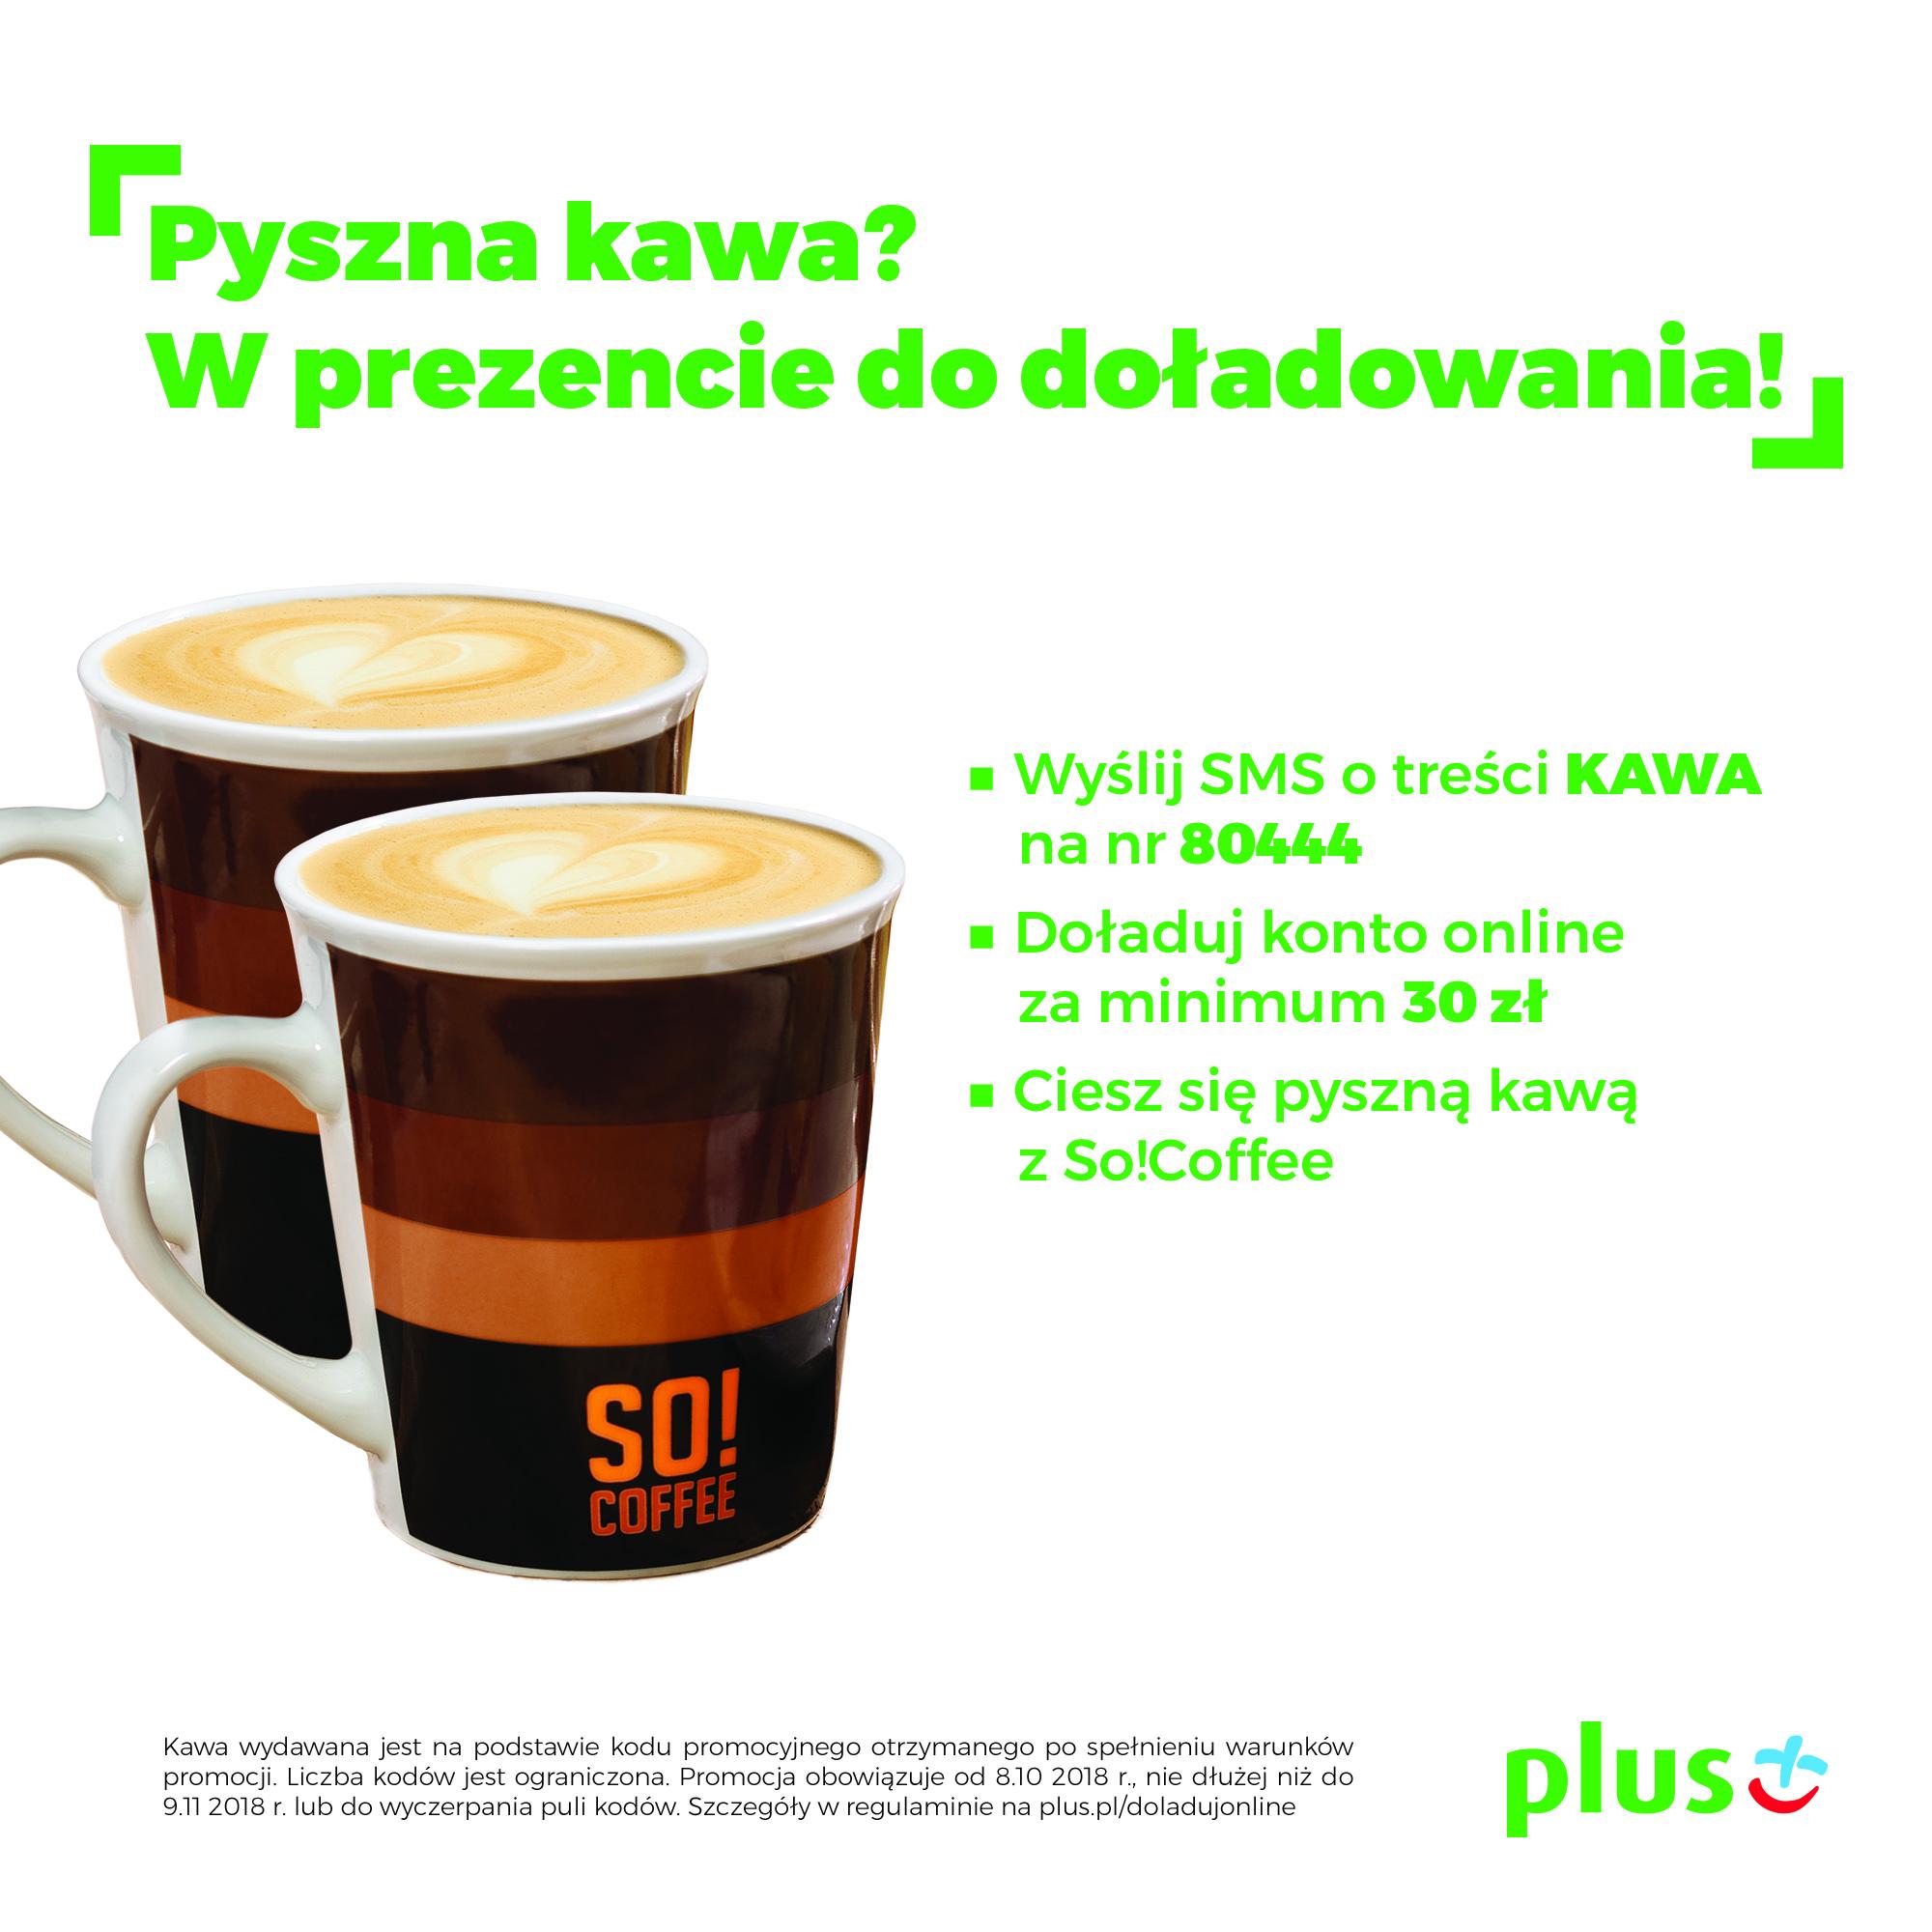 Kawa za doładowanie